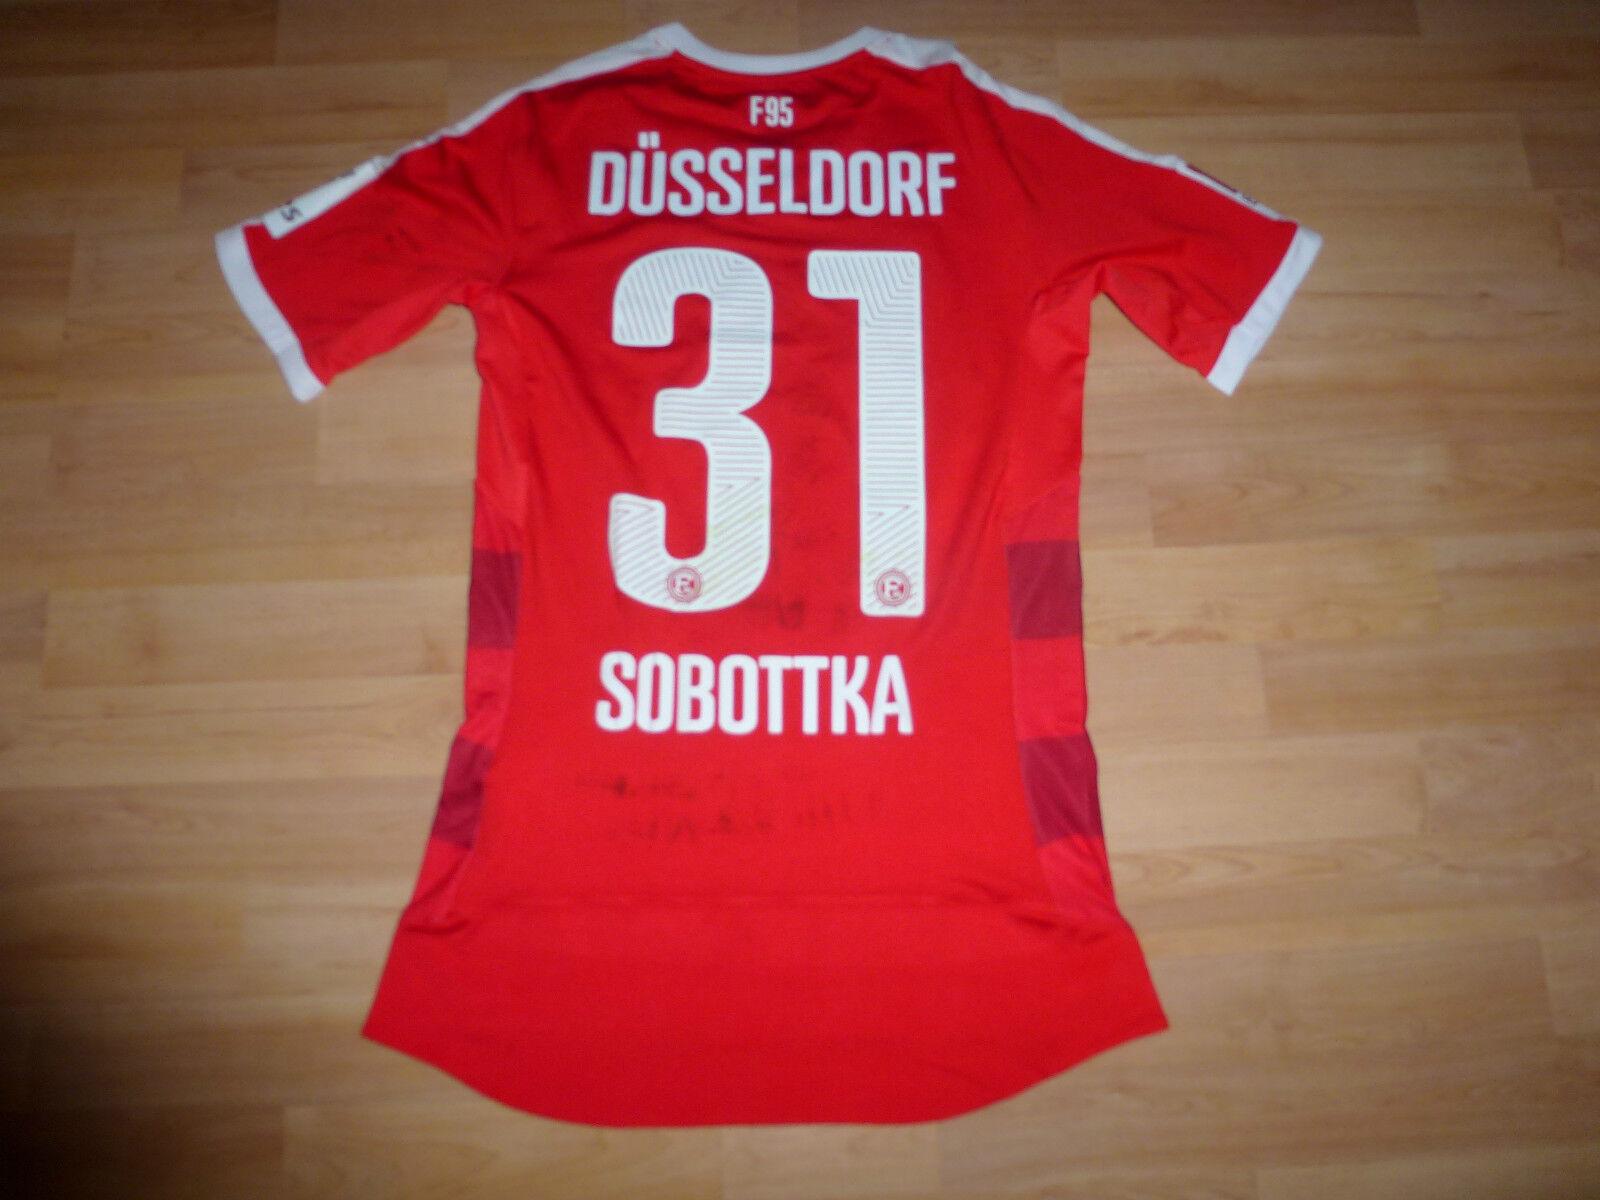 MATCHWORN Fortuna Düsseldorf Trikot  31 Sobottka  gg. St. Pauli ACTV ungewaschen